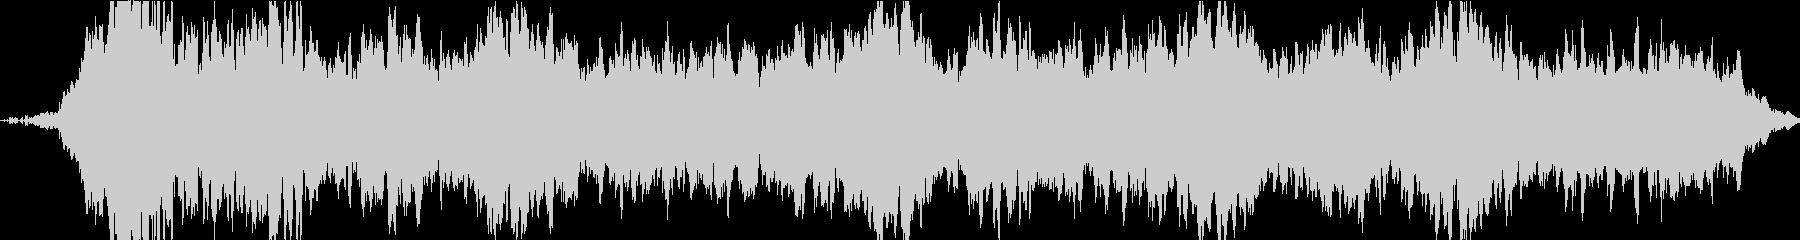 ドローン アースドローン03の未再生の波形